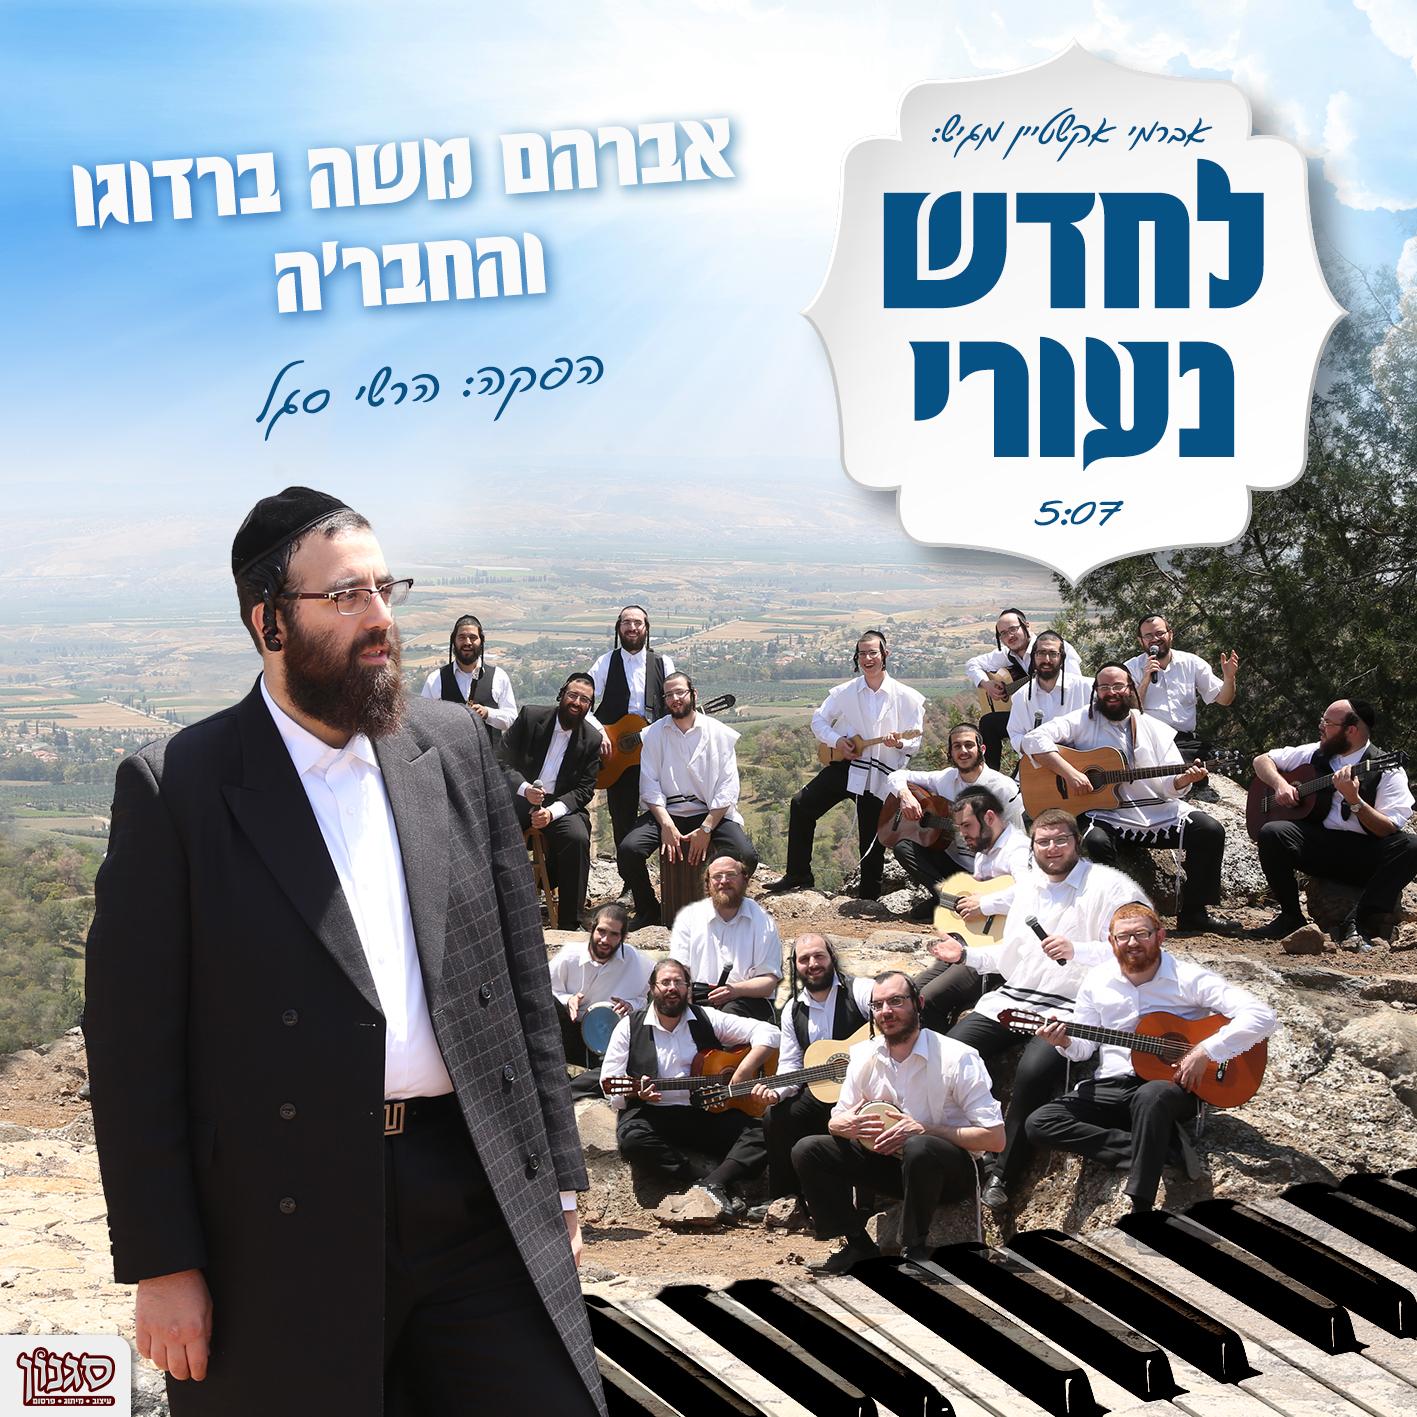 """הפקת השנה של צמרת התעשייה המוסיקלית: אברהם משה ברדוגו והחבר'ה – """"לחדש נעורי"""""""